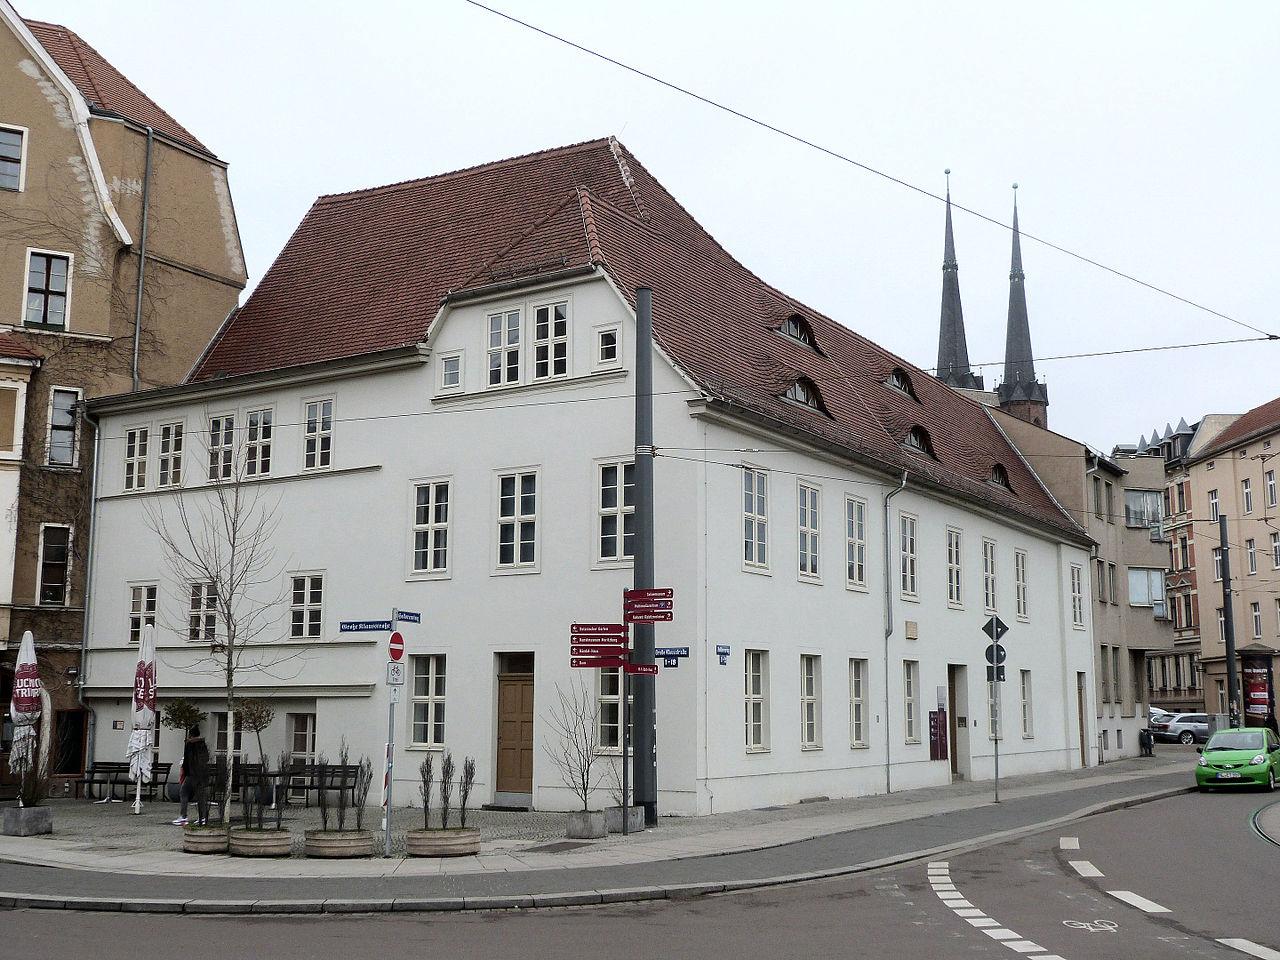 Bild Friedemann Bach Haus Halle